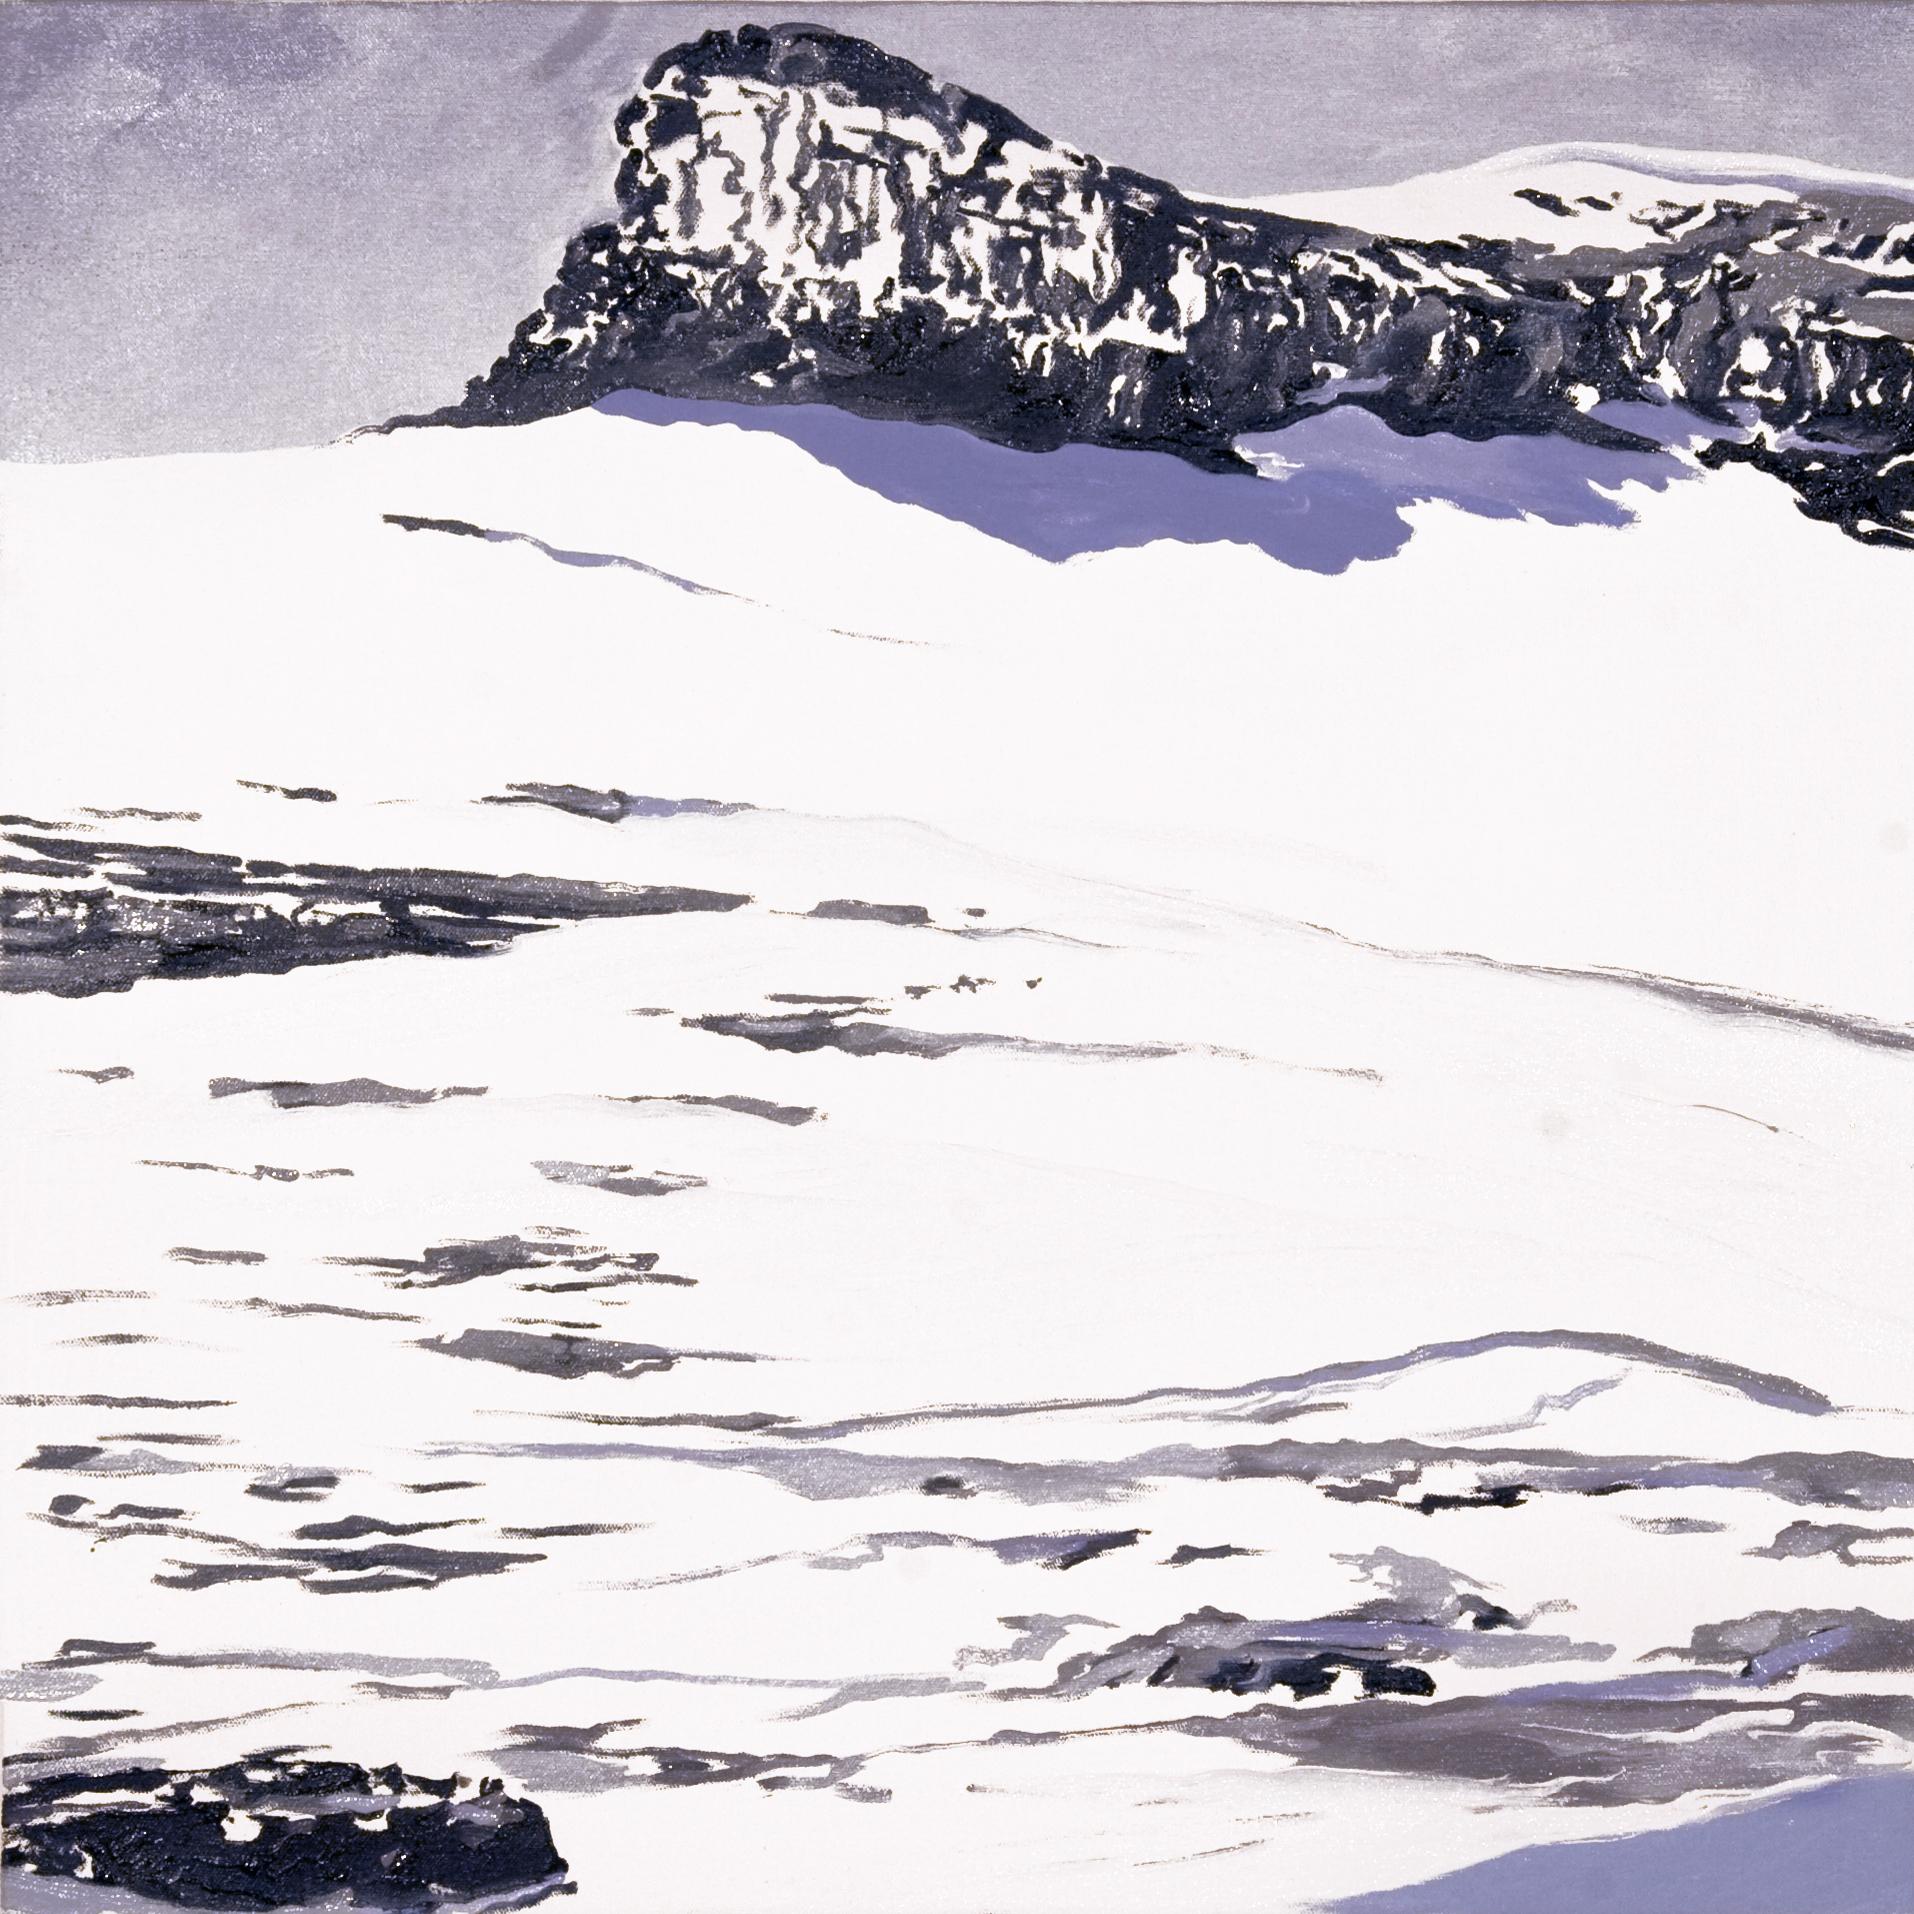 Boulder Glacier 1932, after T.J. Tileman